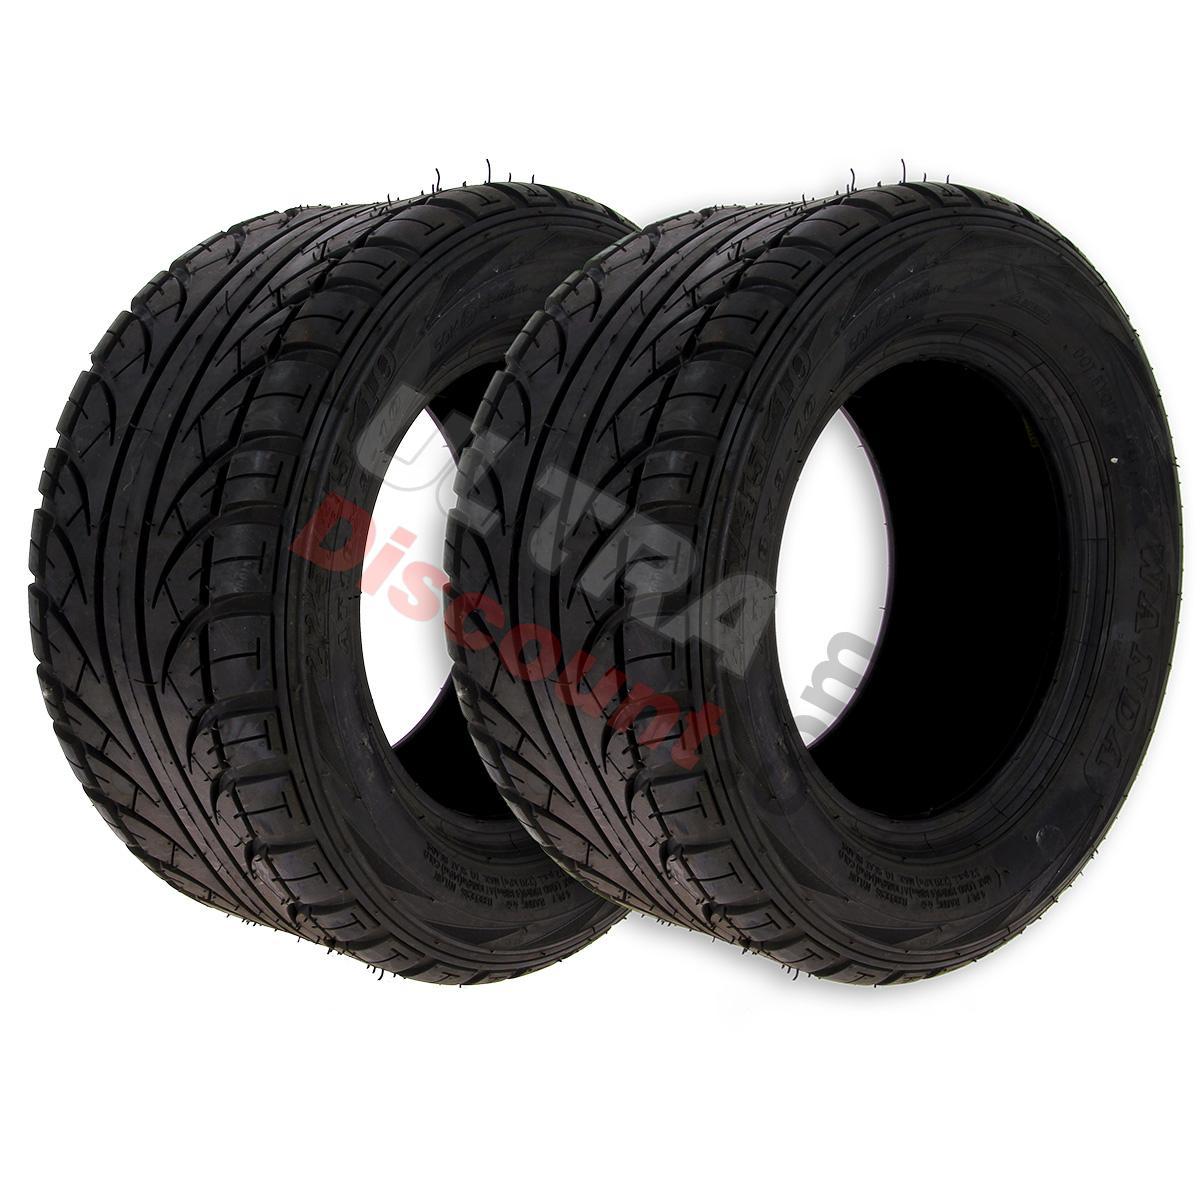 paire de pneus arri re route 225 45 10 pour quads shineray 300st 4e pi ces quads shineray 300. Black Bedroom Furniture Sets. Home Design Ideas